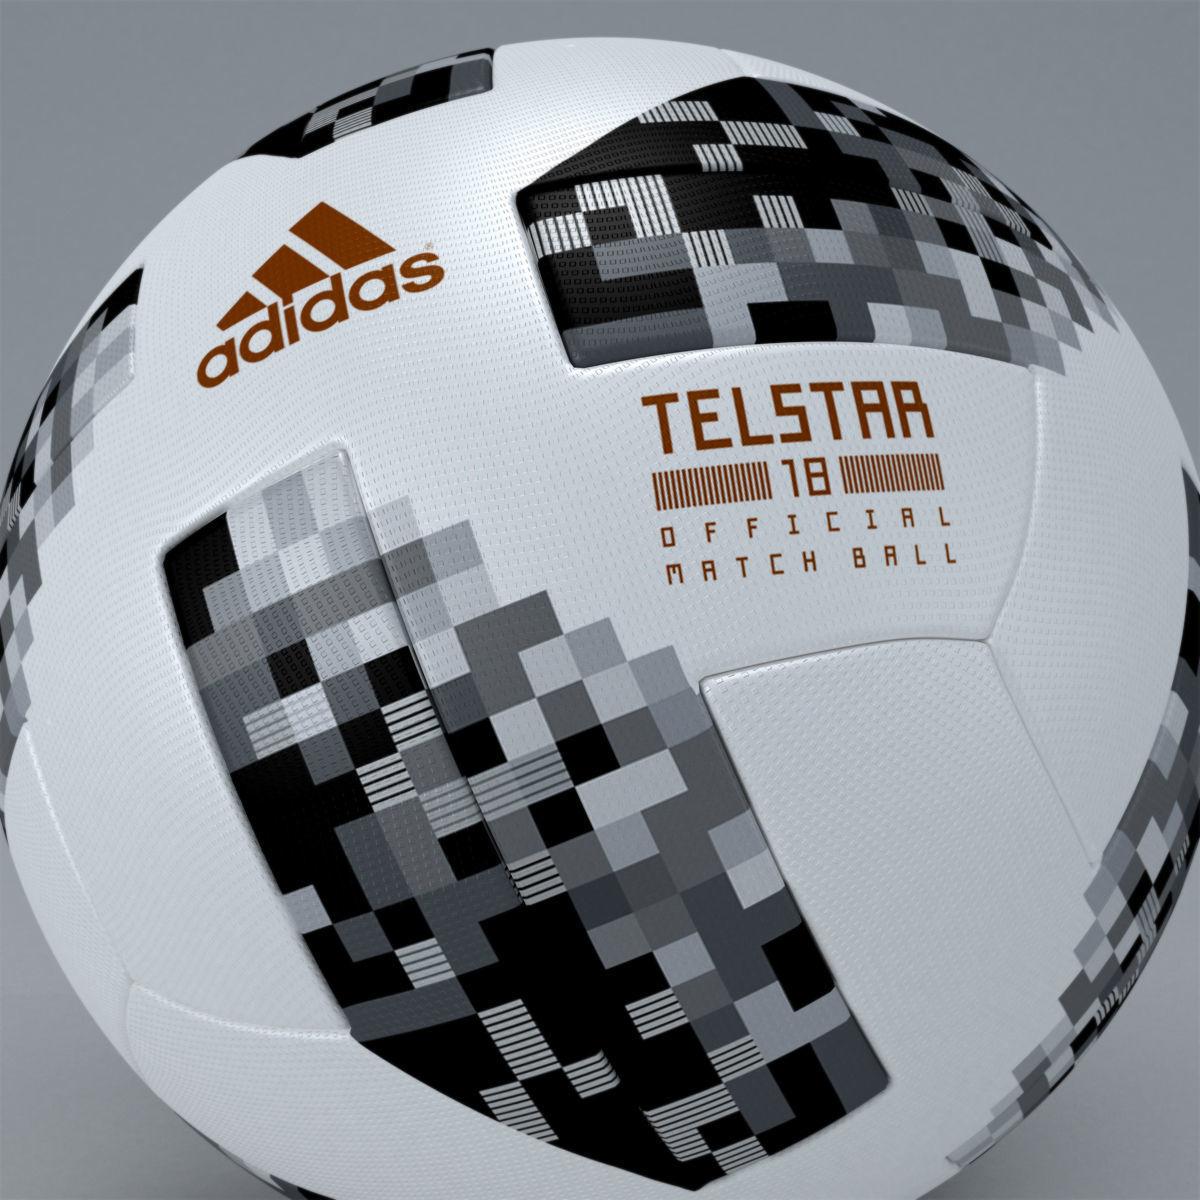 Beautiful Football Ball World Cup 2018 - fifa-2018-official-match-ball-worldcup-telstar-russia-3d-model-max-obj-3ds  Gallery_577751 .jpg